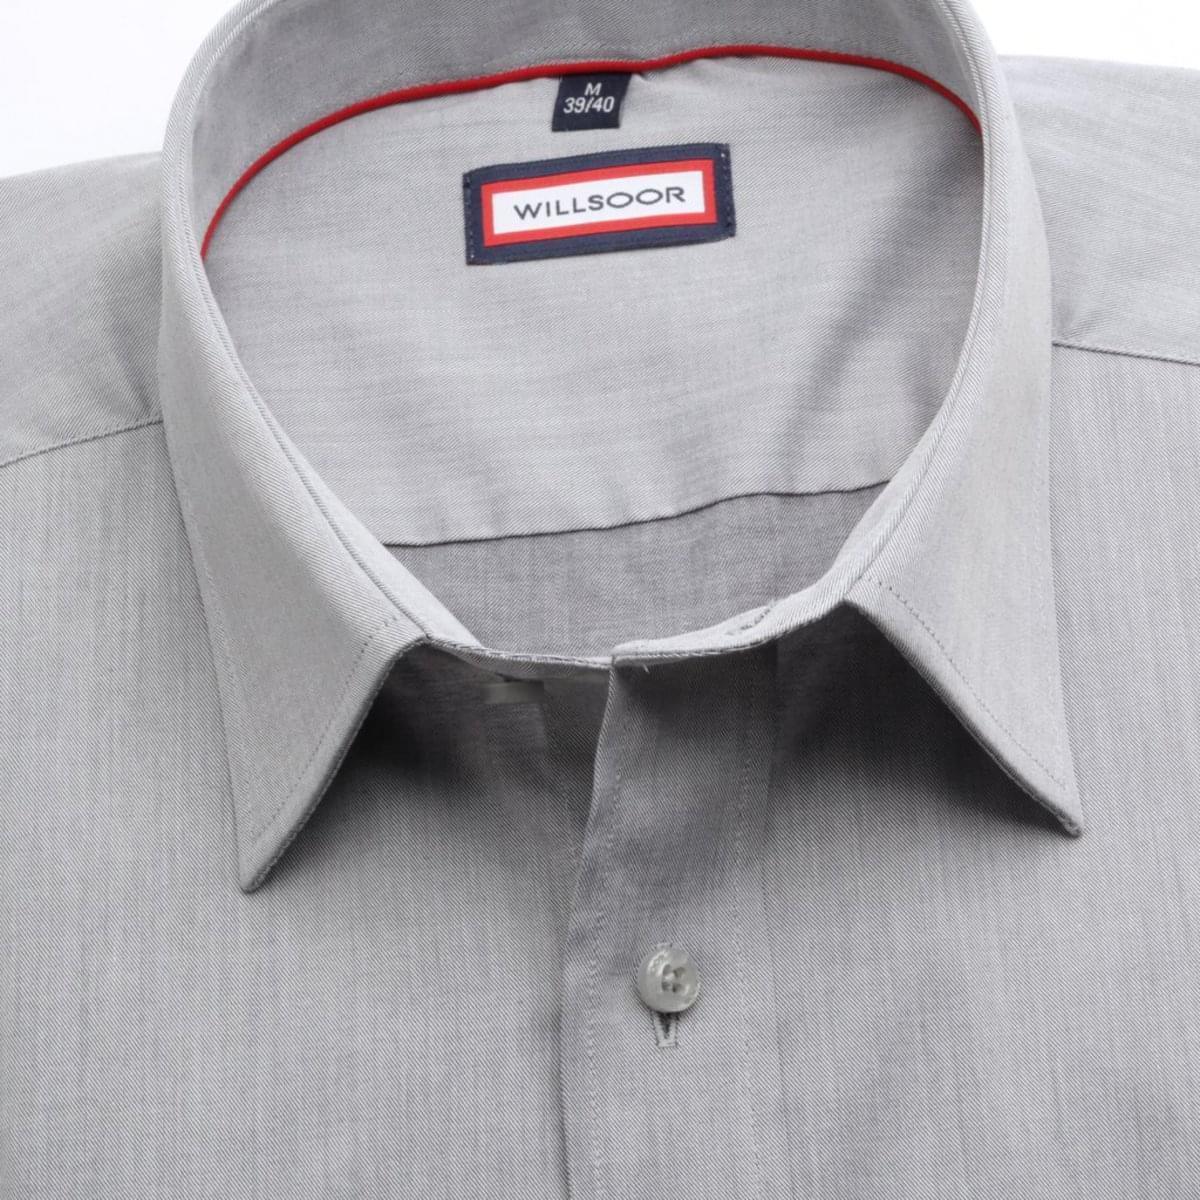 Pánska klasická košeľa (výška 176-182) 6678 vo svetlo šedé farbe 176-182 / XL (43/44)